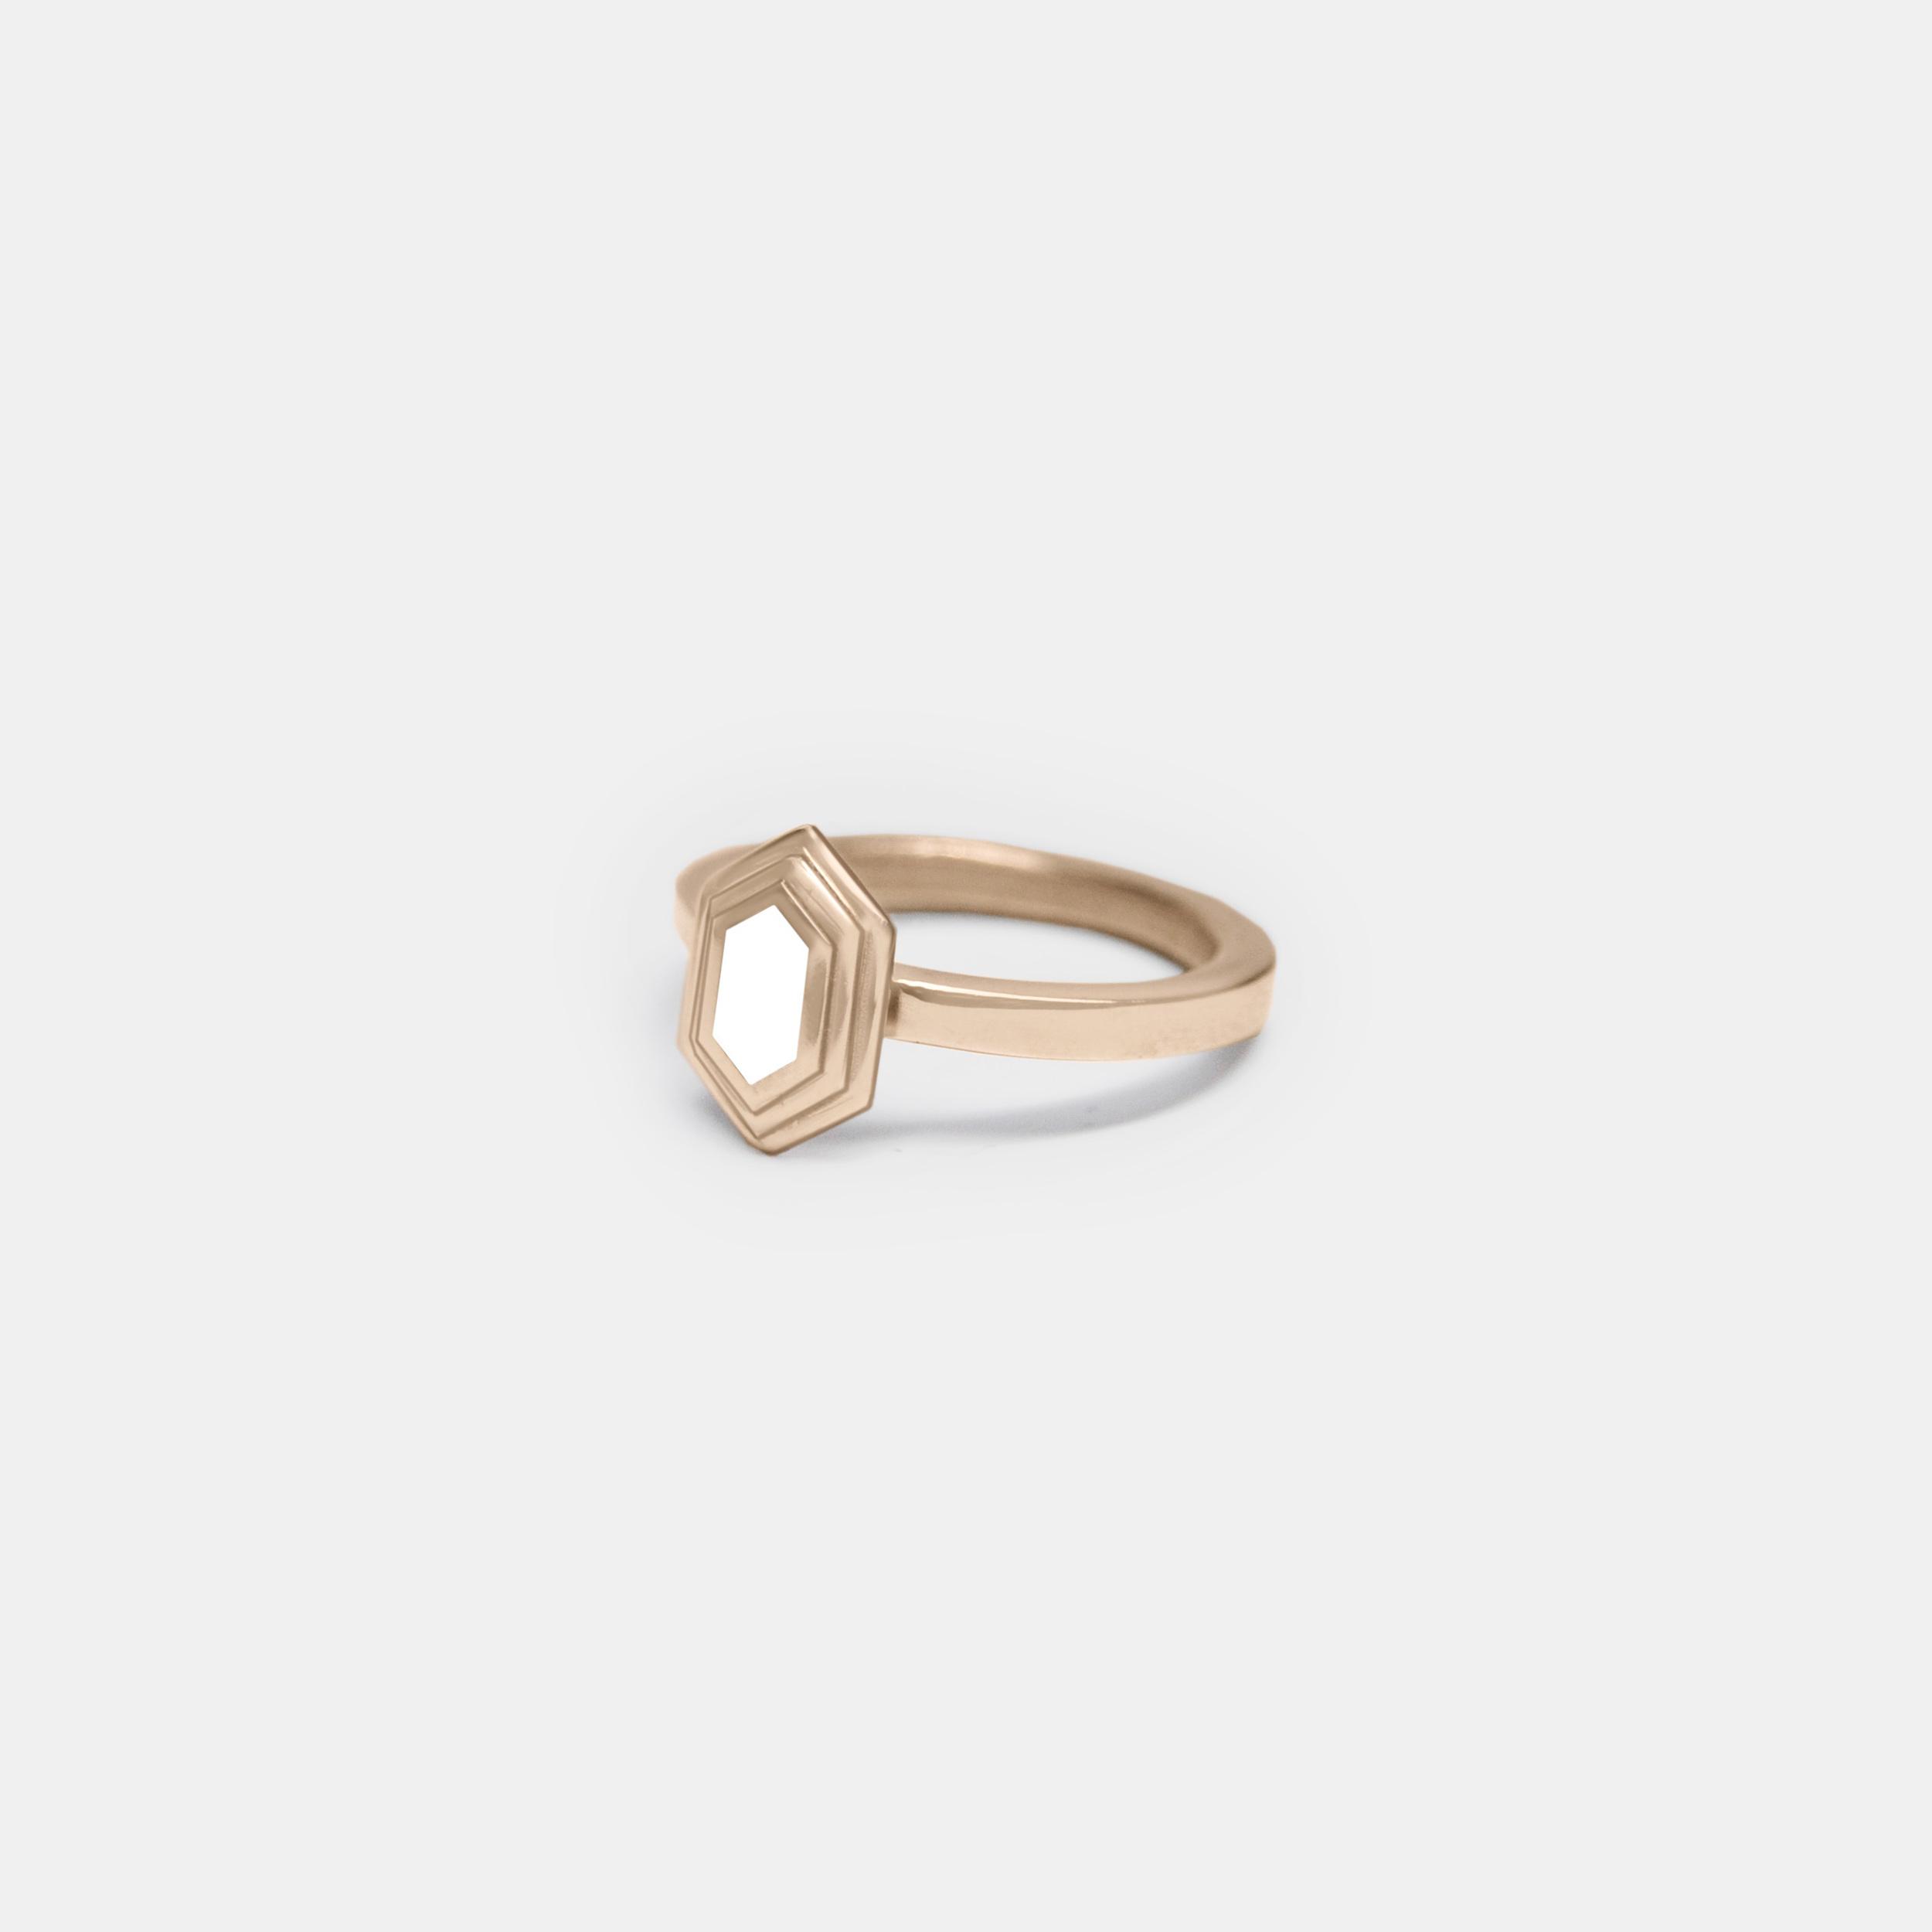 Marisa-Lomonaco-Custom-Jewelry-Hudson-Valley_0002_Axis-Ring-Bronze-White.jpg